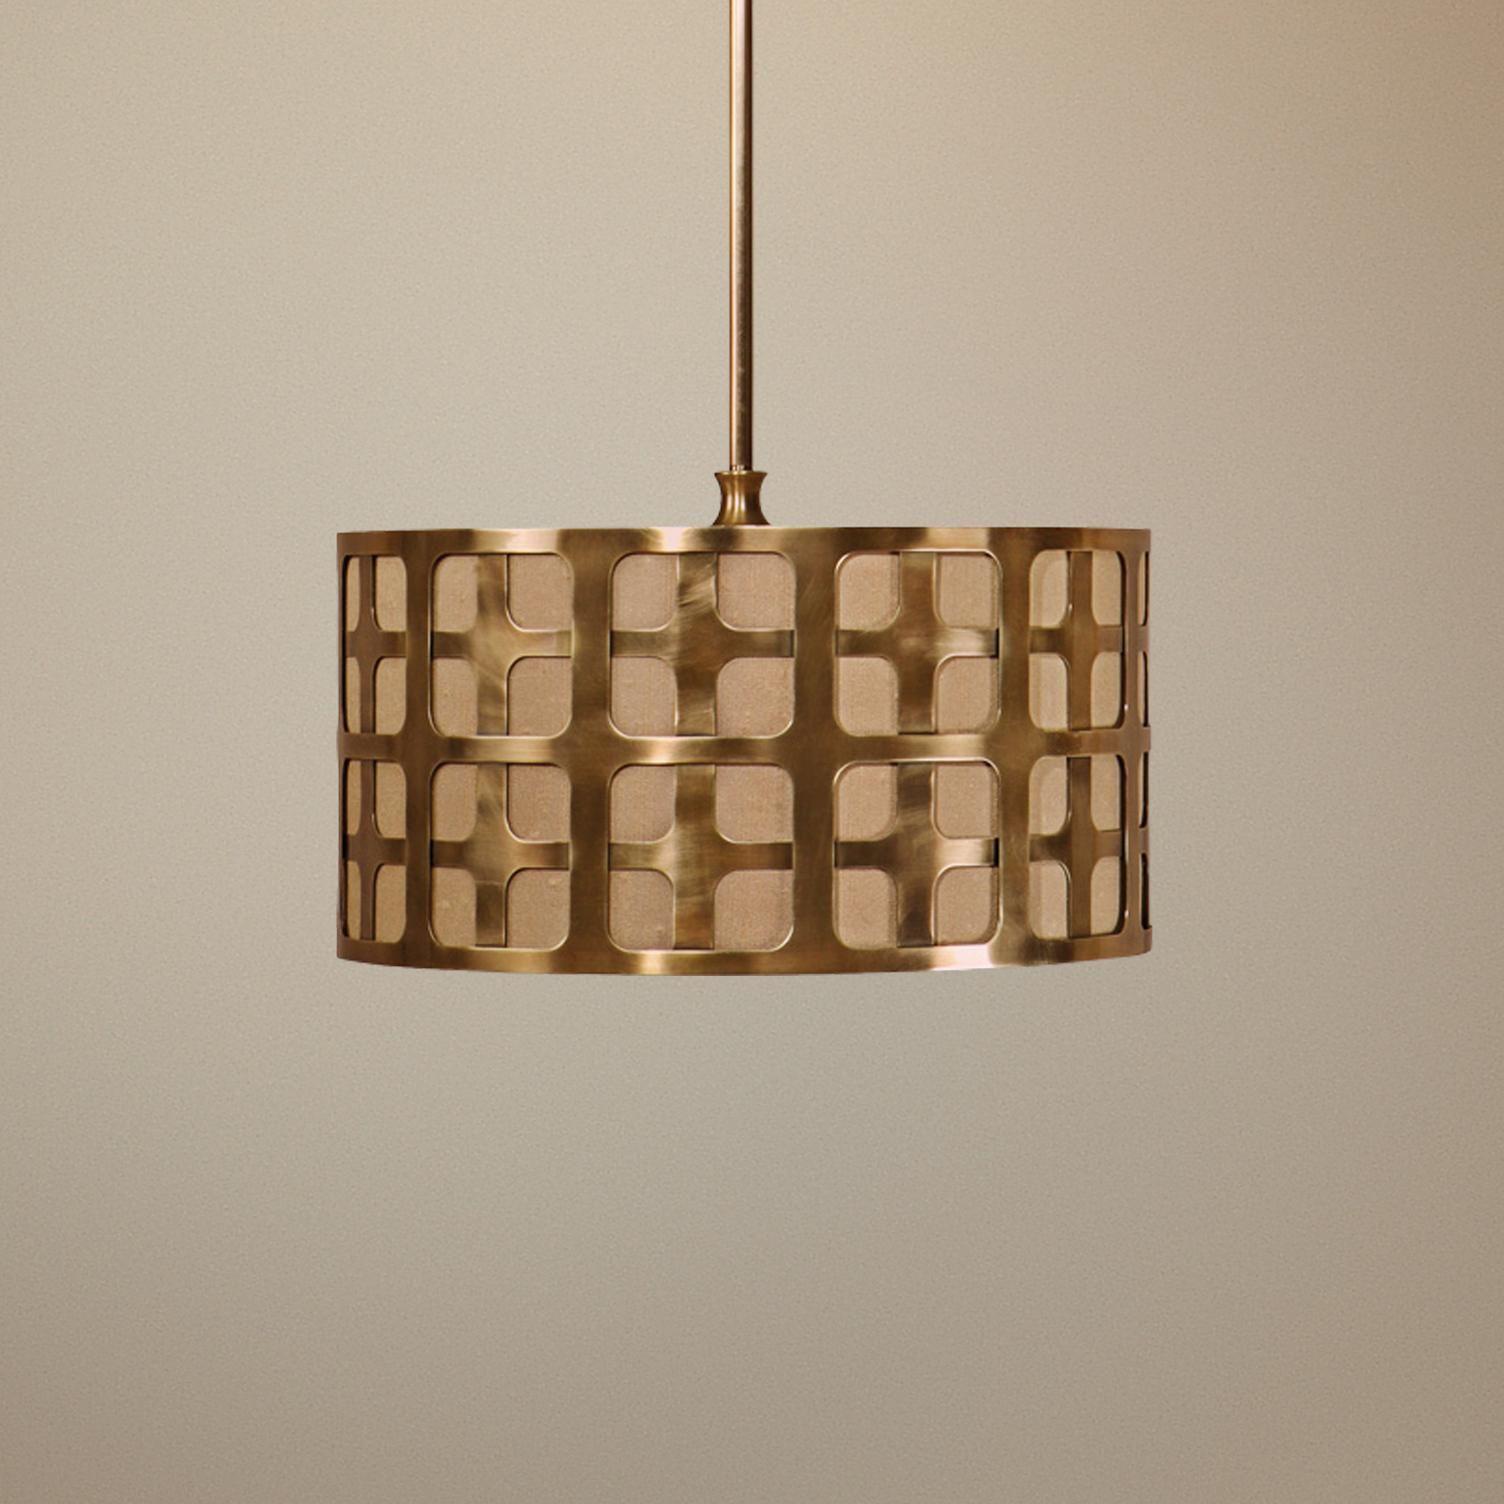 Uttermost Manhattan 3-Light Pendant Chandelier - | History Room ...